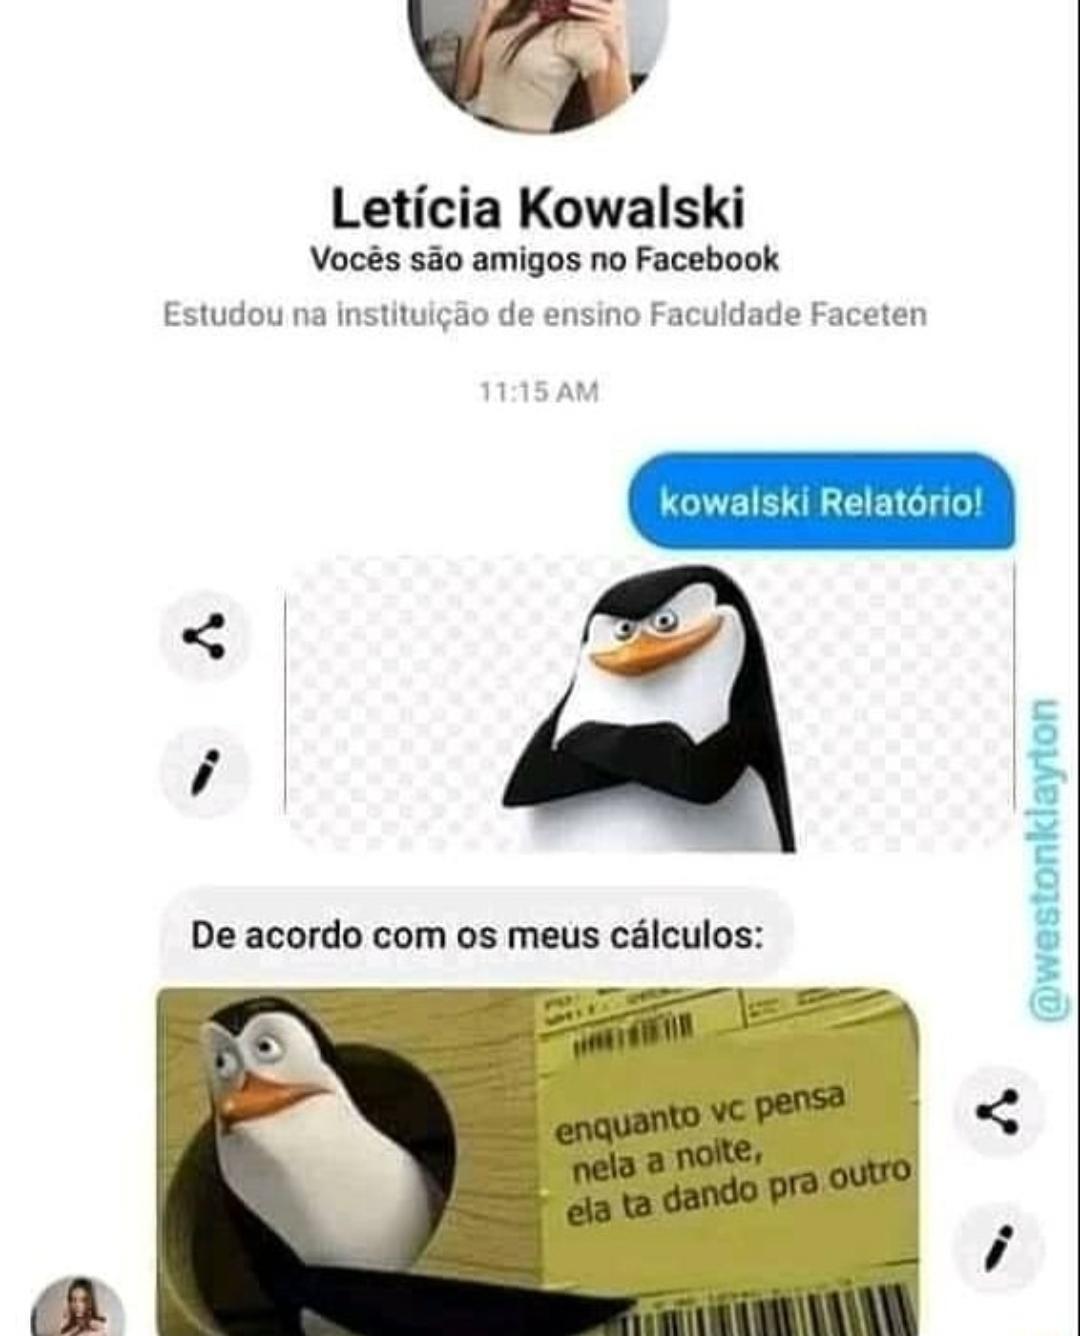 Kowalski análise - meme